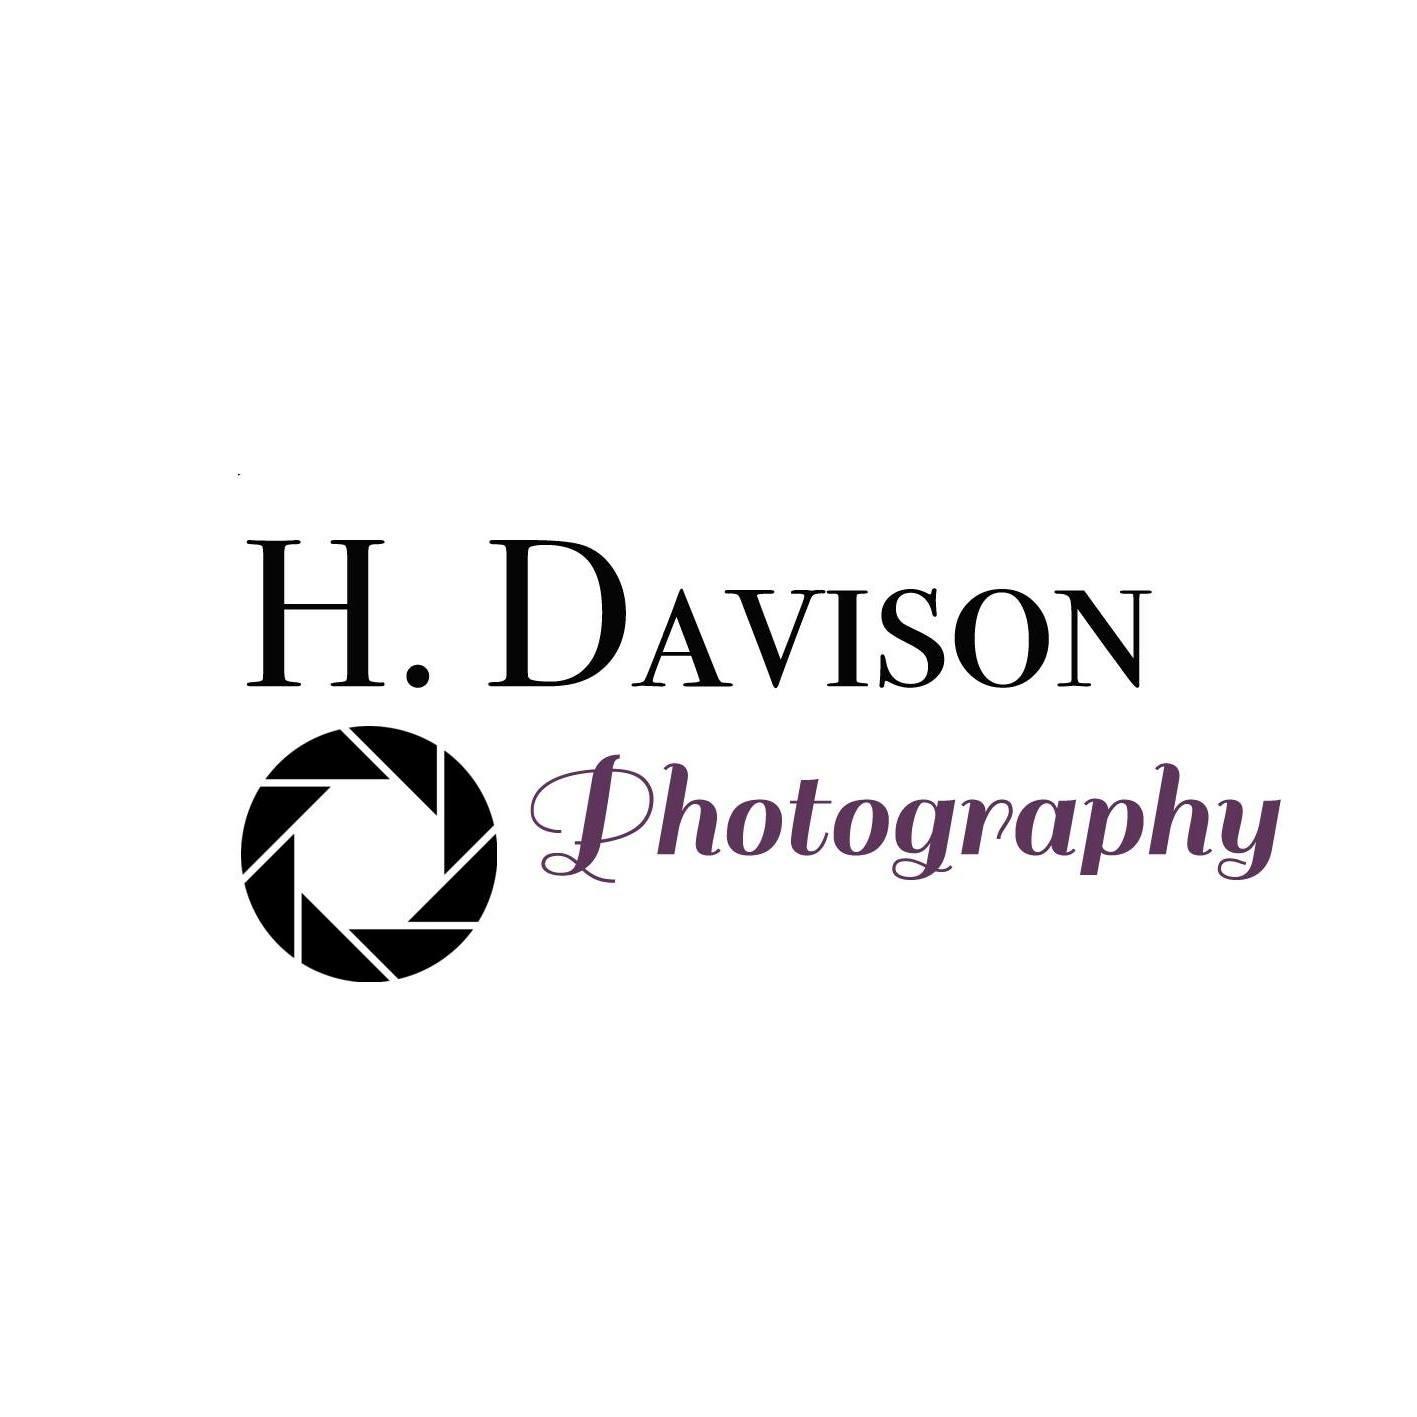 Hdavison Photos